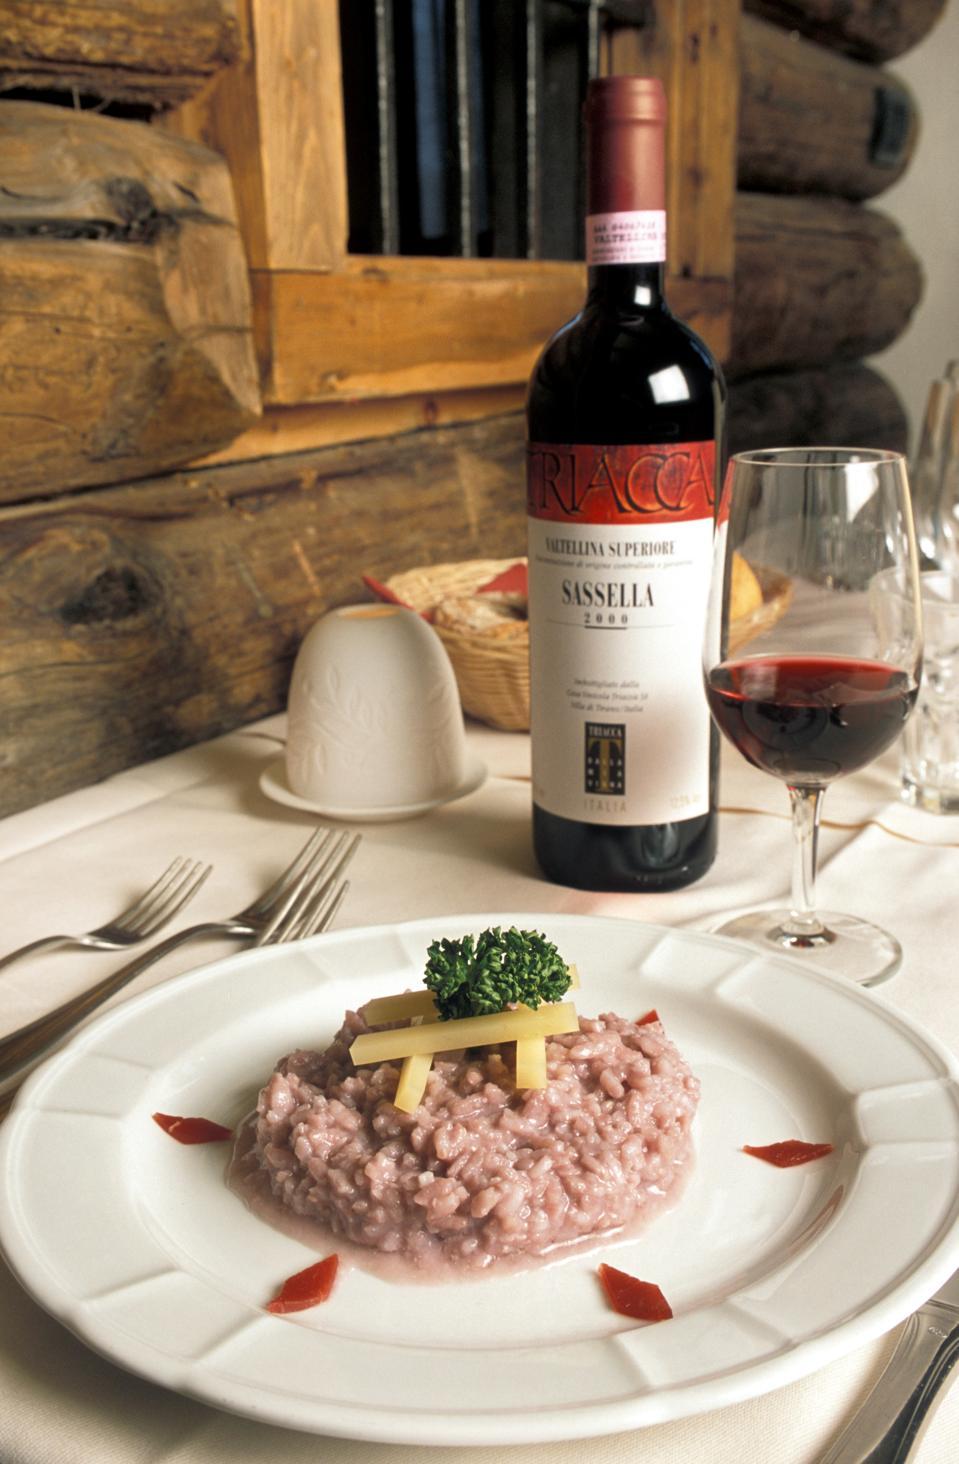 Rice with Sassella vine and Bitto cheese. Rini farm holidays. Bormio. Lombardy. Italy